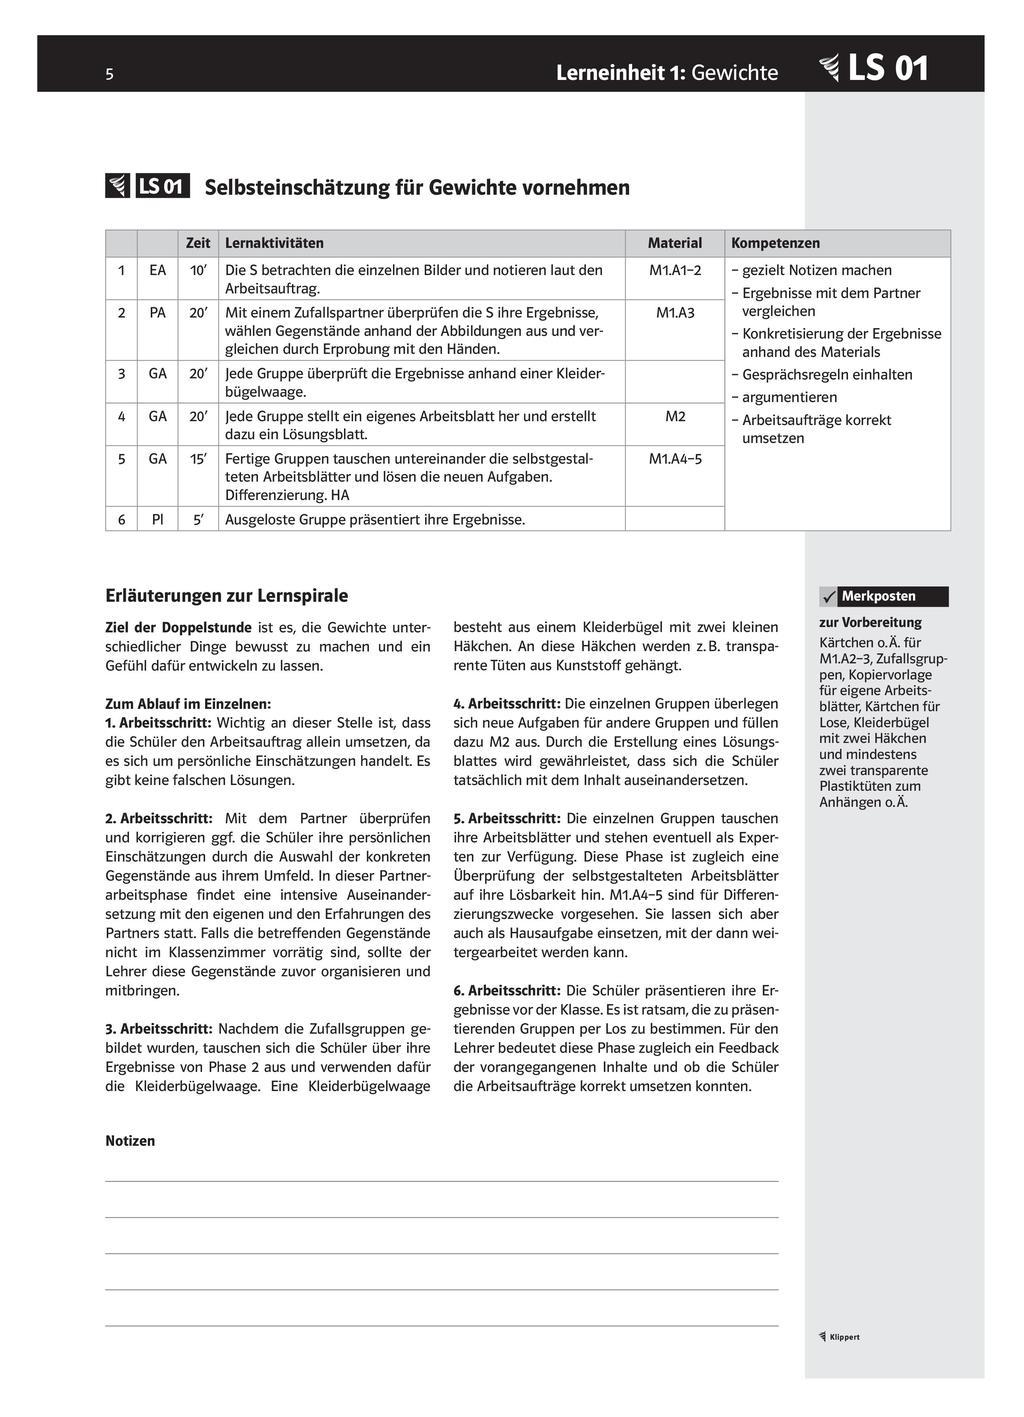 LS 01 Selbsteinschätzung für Gewichte vornehmen Preview 1